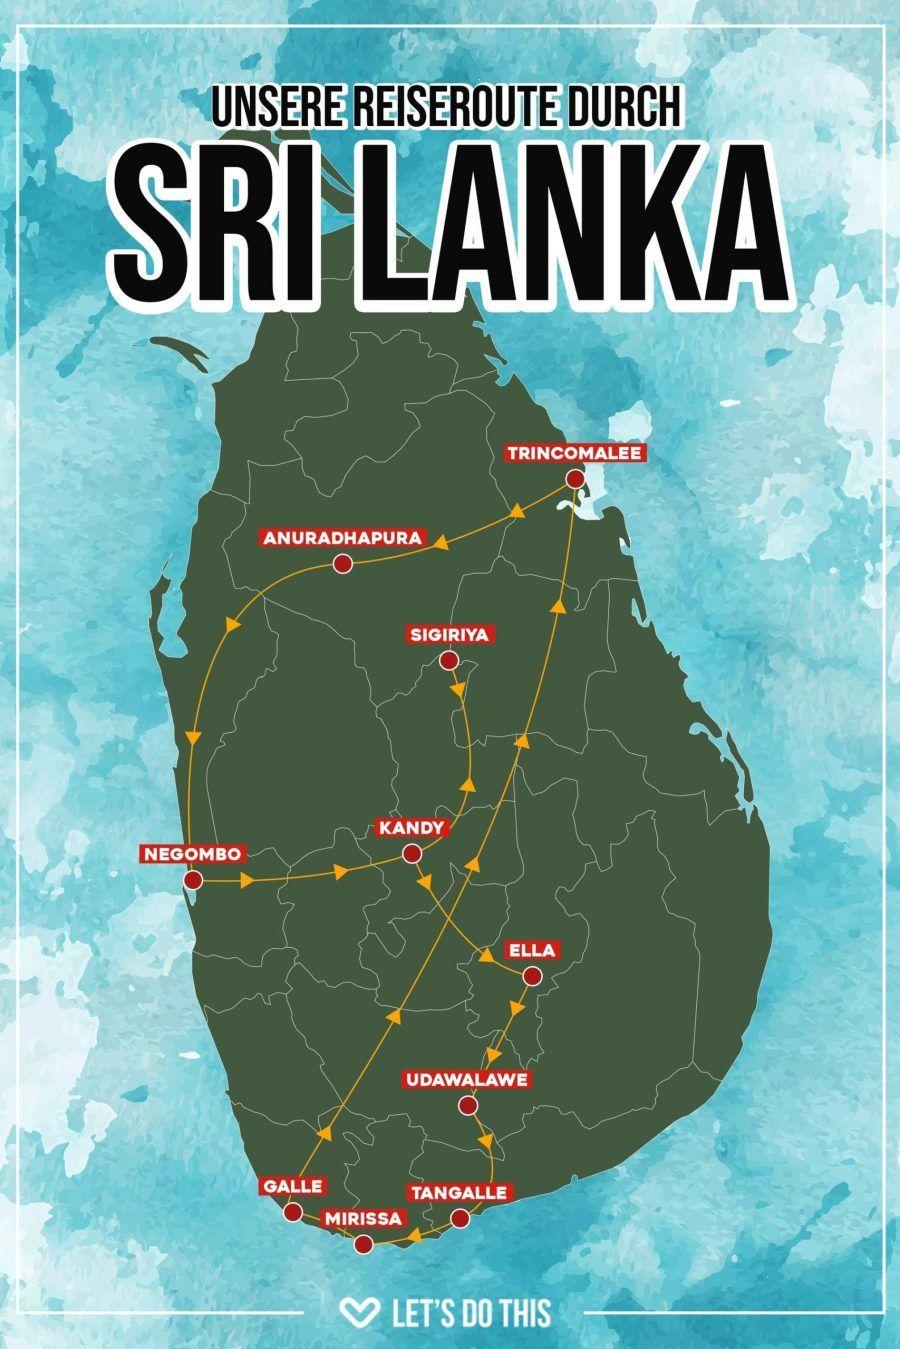 Sri Lanka Unsere Reiseroute Quer Durchs Land Lets Do This De In 2020 Sri Lanka Reisen Schone Orte